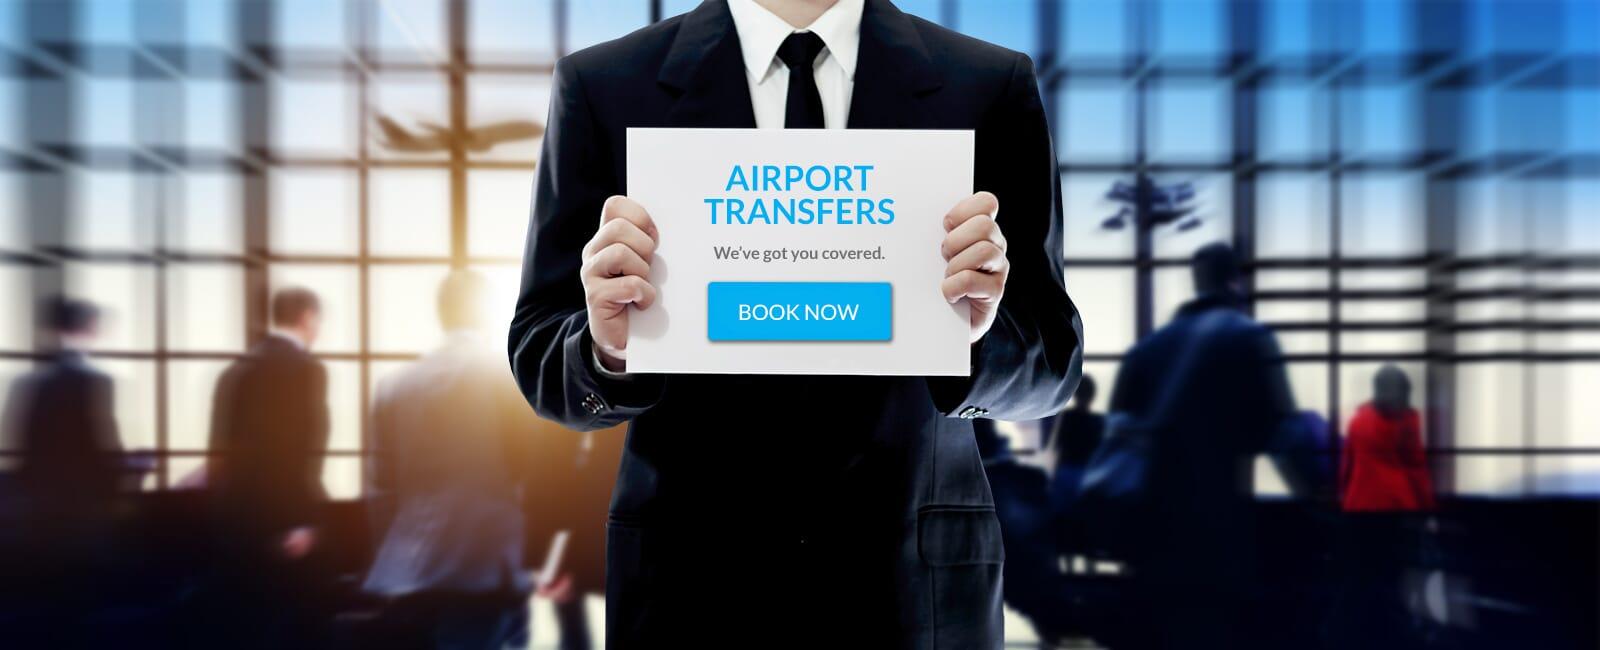 Transfers Georgia - Airport Transfers